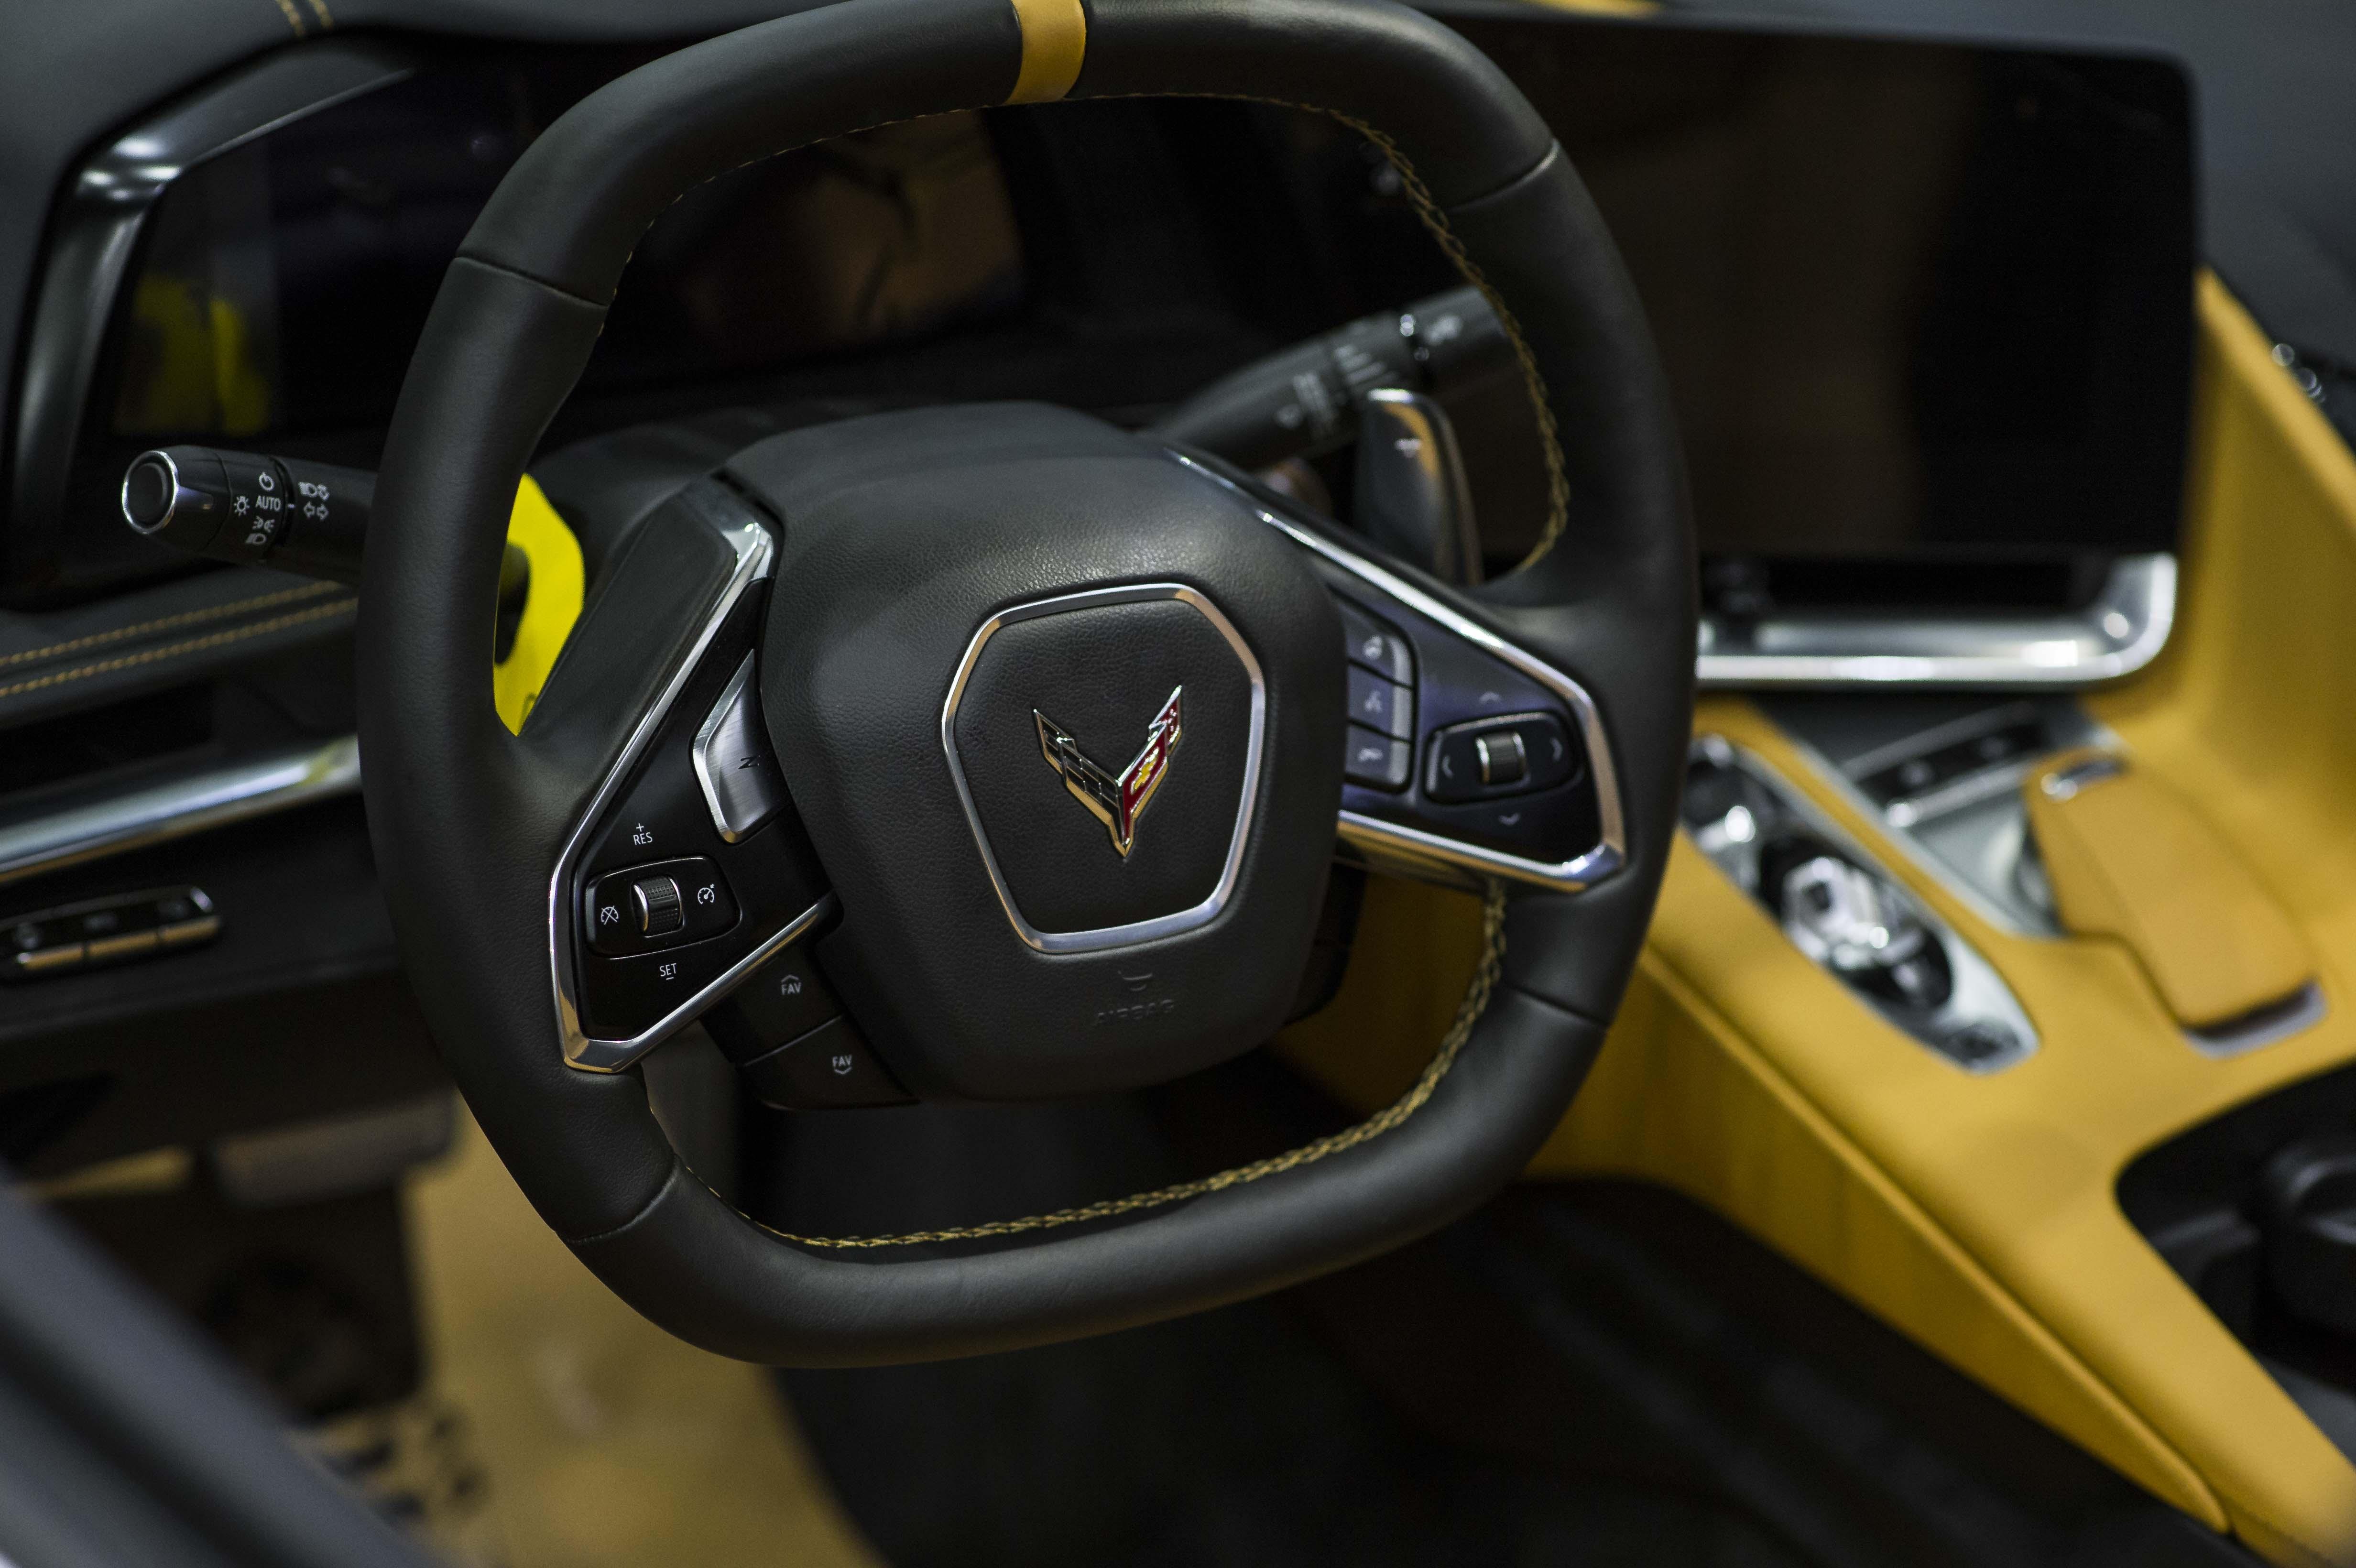 Chi tiet Chevrolet Corvette C8 dau tien tai Viet Nam anh 14